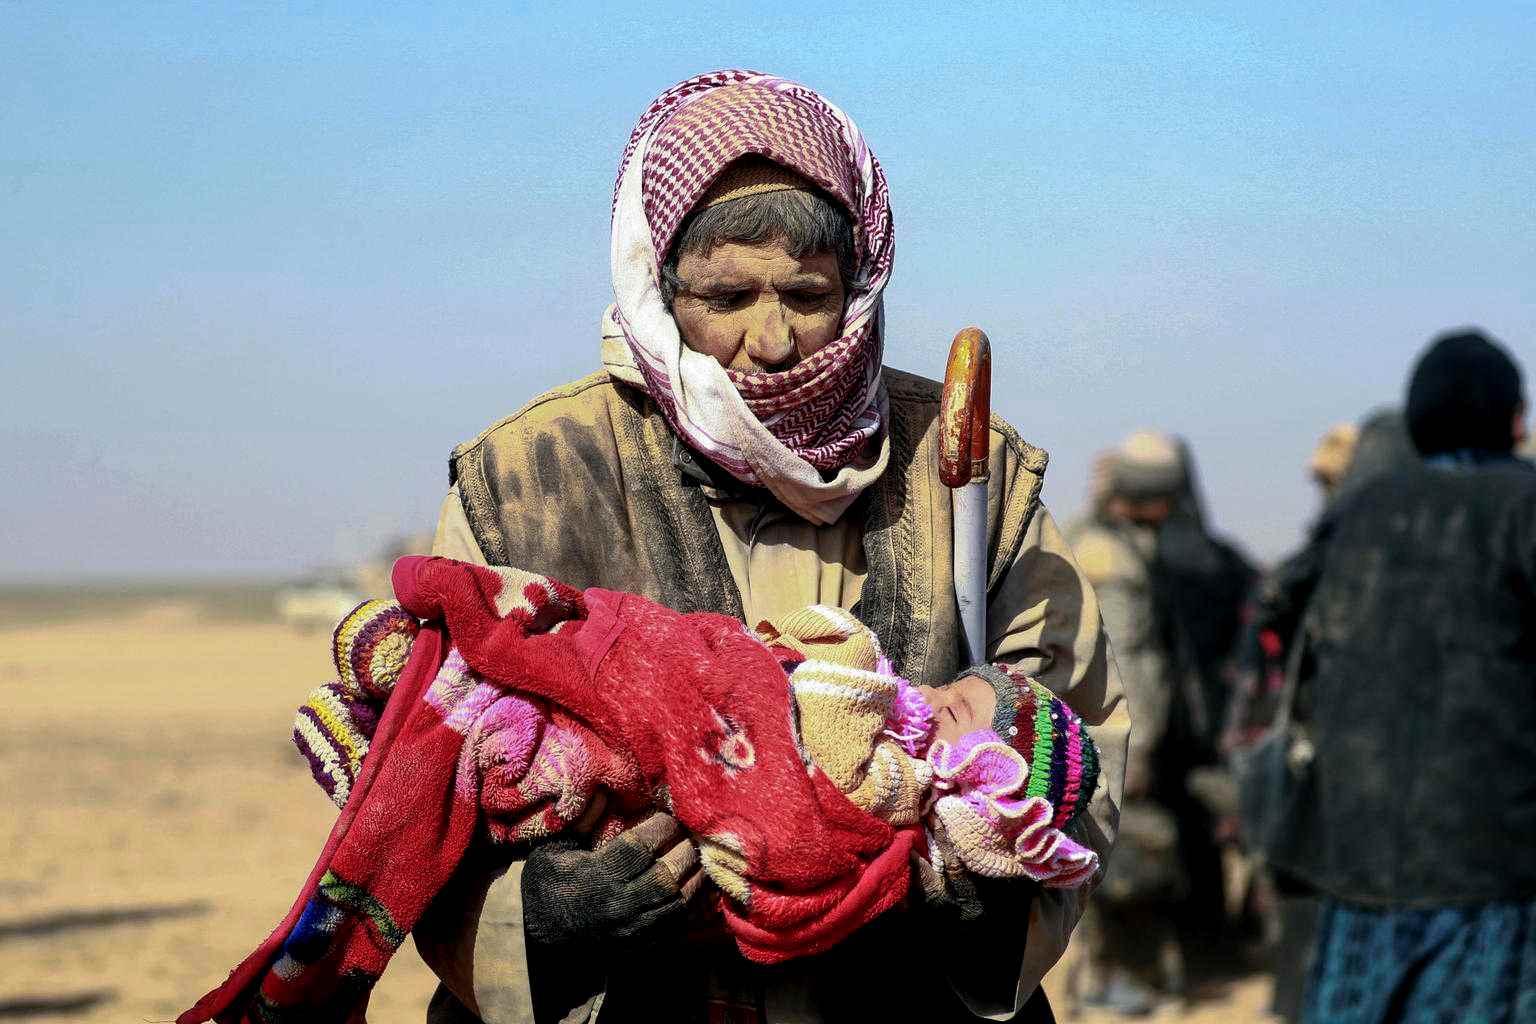 رجل يحمل طفلًا عبر الصحراء، أجبر تصاعد العنف الآلاف من الناس على الفرار من منازلهم من أجل سلامة مخيم للمشردين على بعد 300 كم.  إنها رحلة لمدة ثلاثة أيام عبر الصحراء في ظل ظروف الشتاء المتجمدة، مع القليل من الطعام والمأوى على طول الطريق-كانون الثاني 2019  سوريا (يونيسيف)